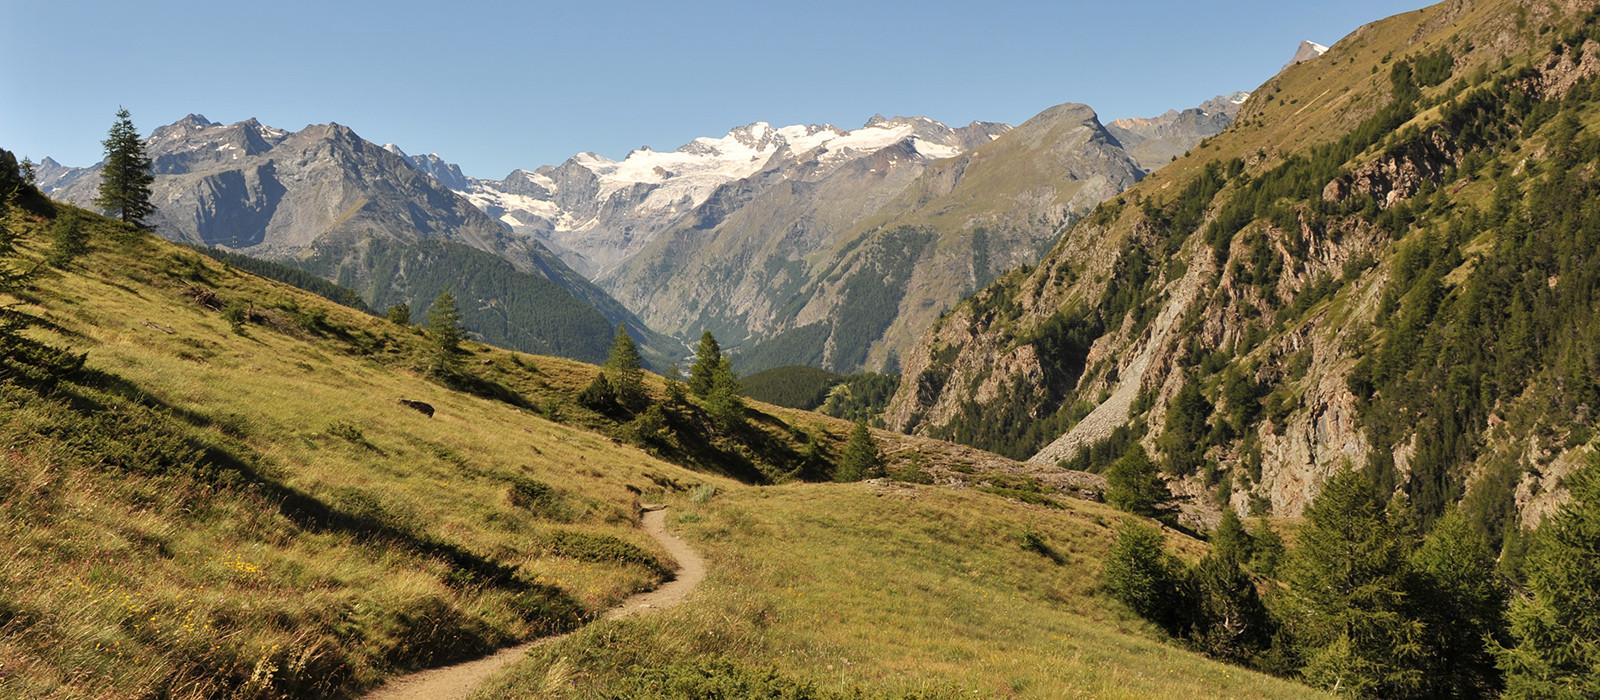 Cogne Aosta Valley